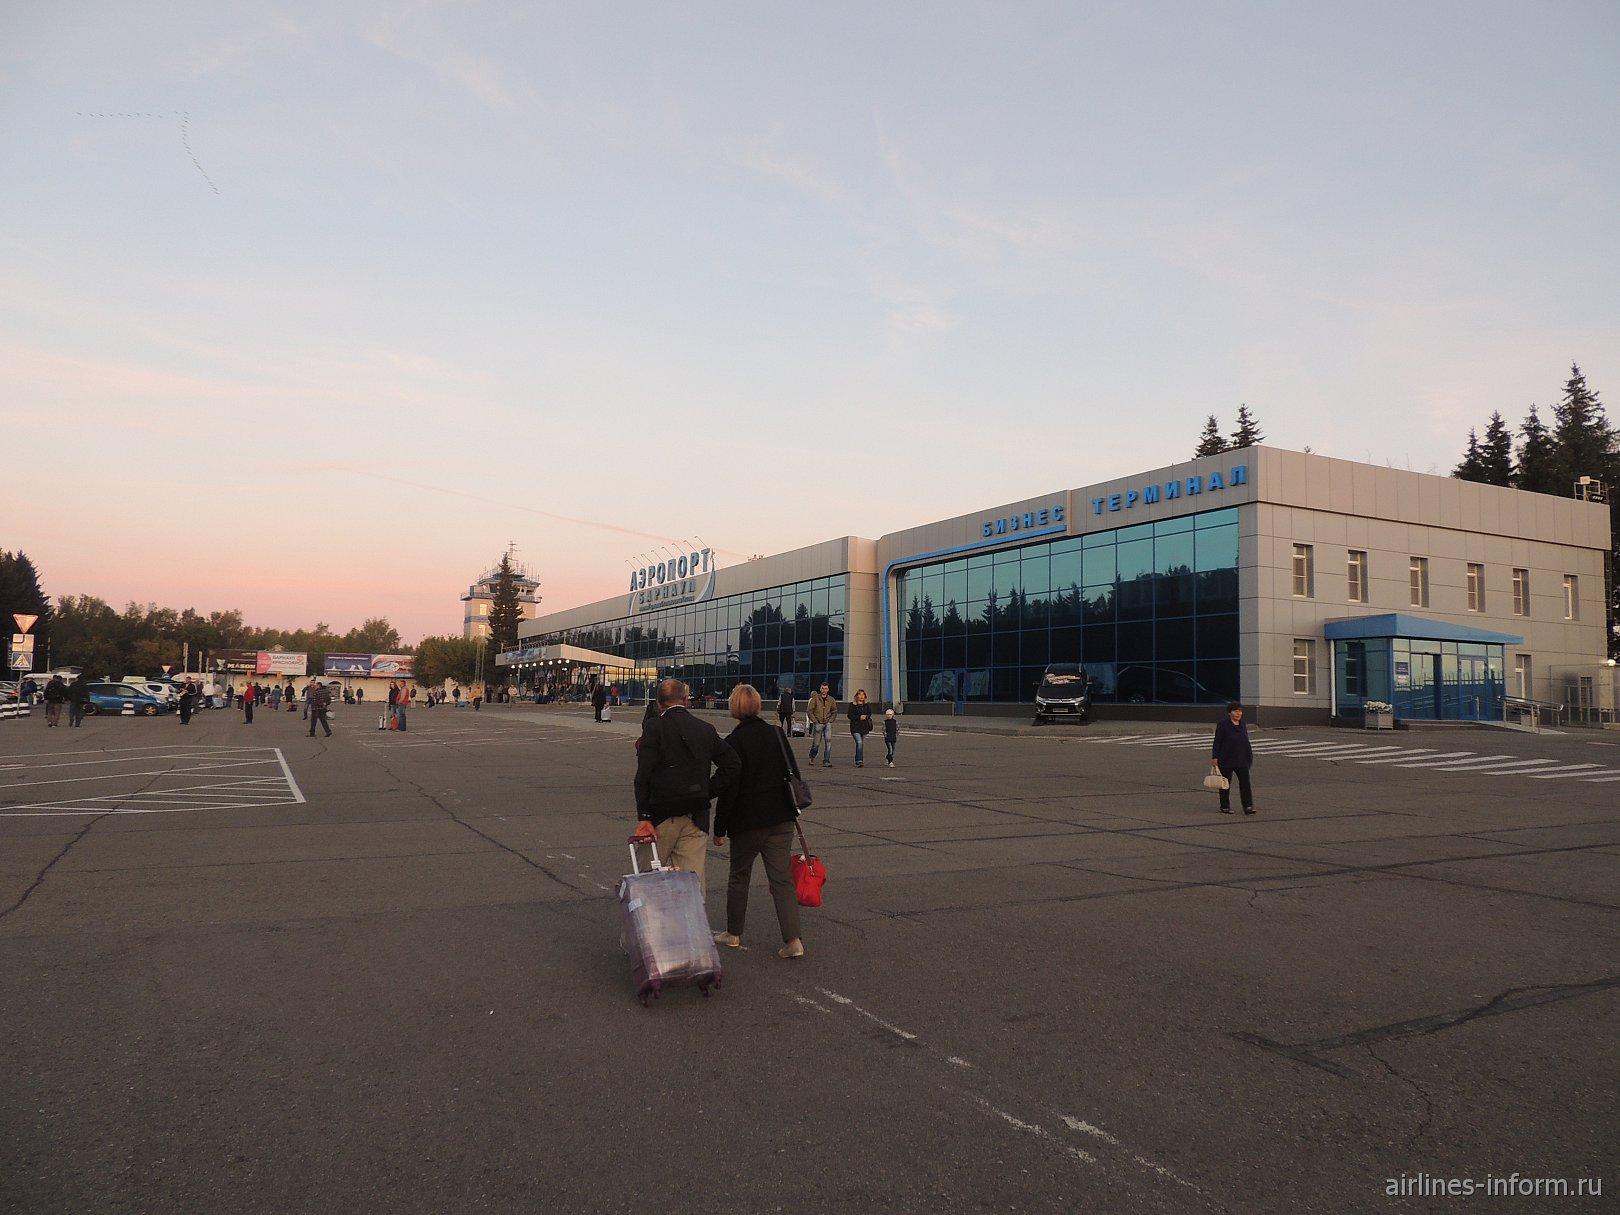 Основное здание аэровокзала аэропорта Барнаул